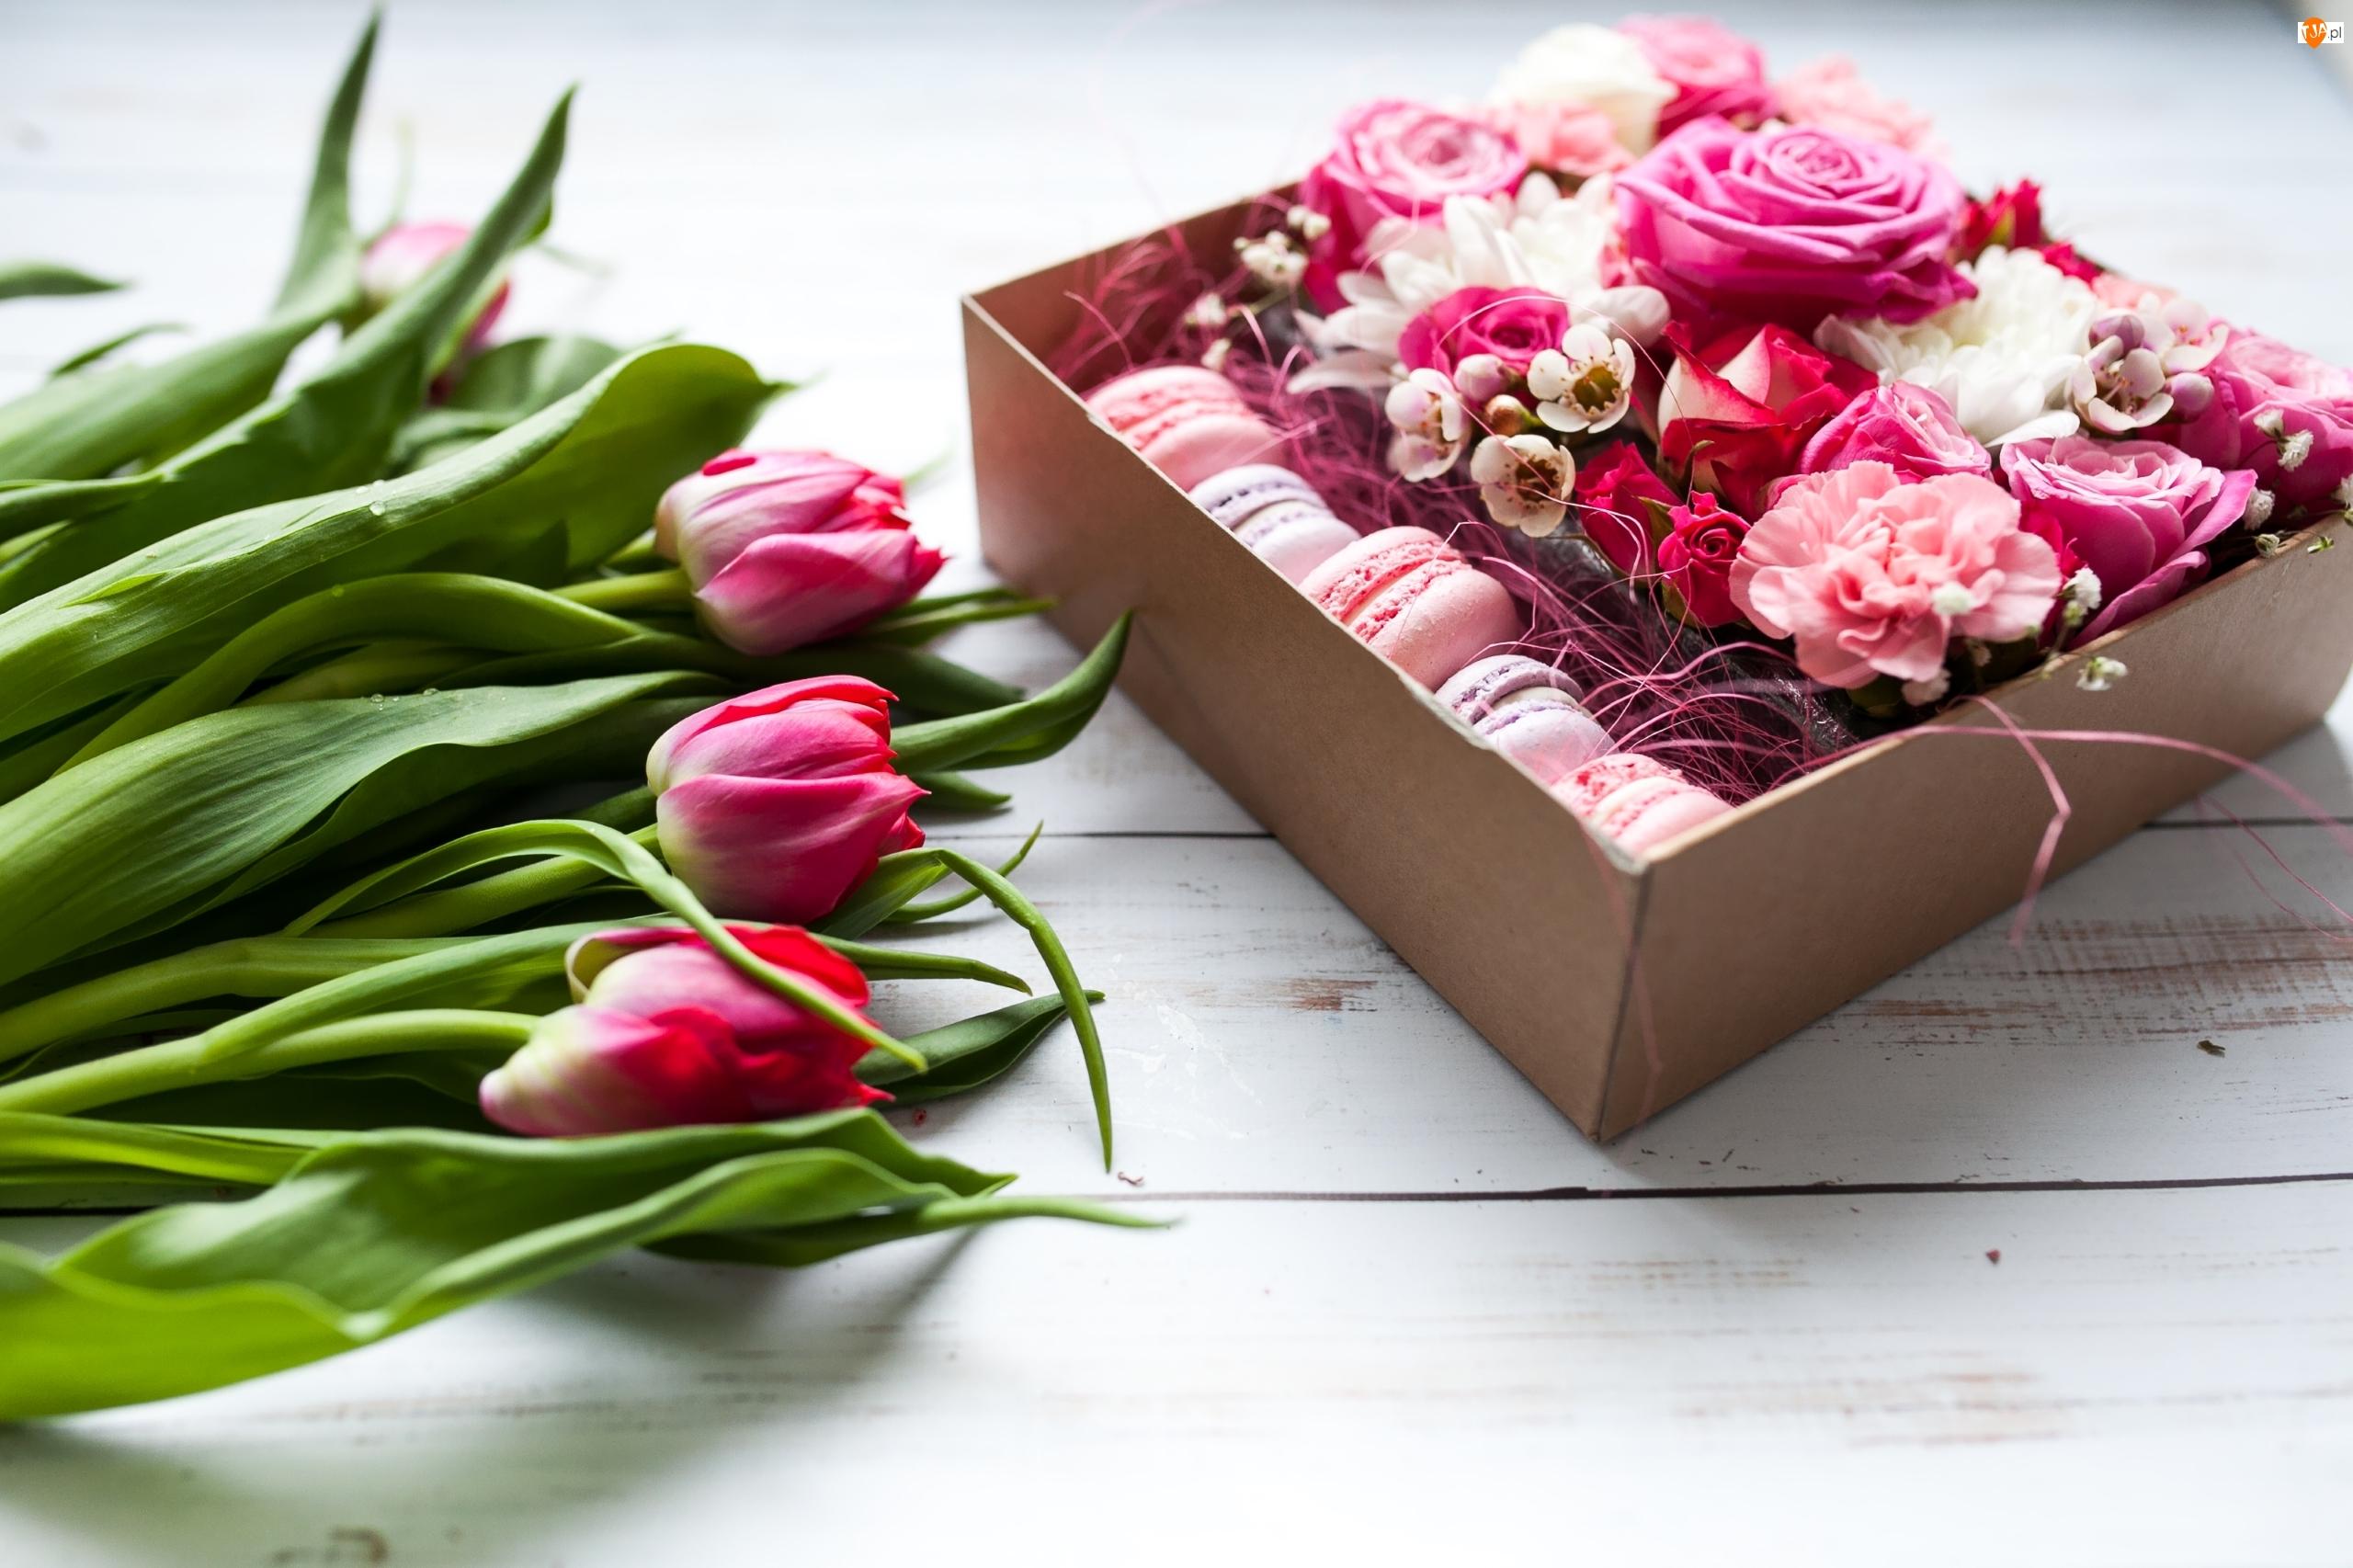 Tulipany, Kwiaty, Pudełko, Deski, Róże, Ciasteczka